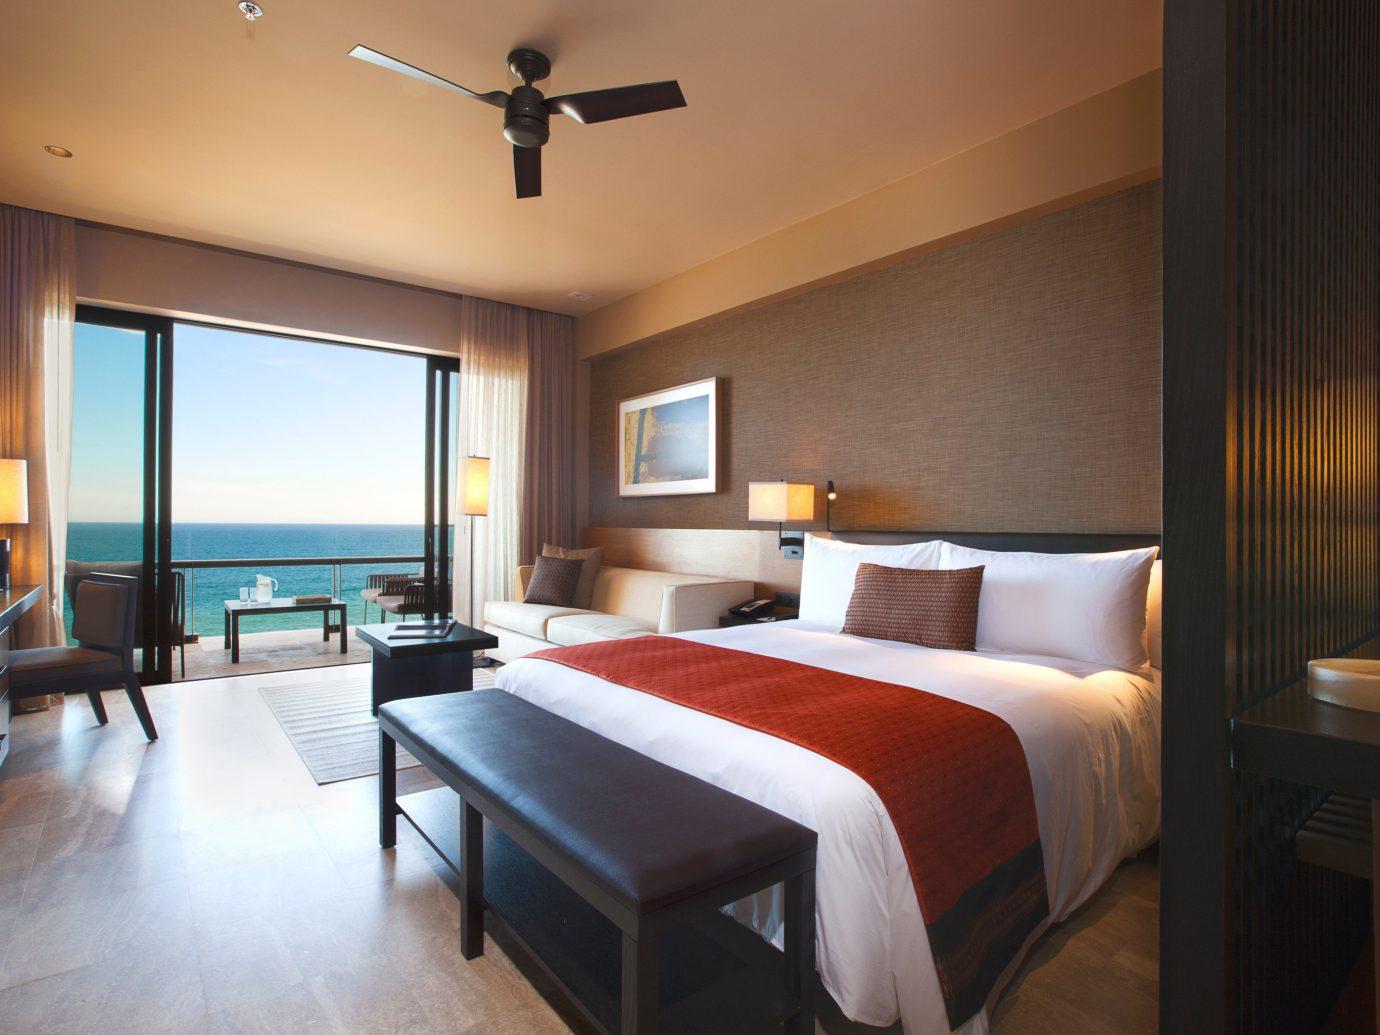 Romance Trip Ideas indoor floor wall bed room Bedroom ceiling property hotel Suite estate real estate Resort cottage interior design Villa condominium apartment lamp